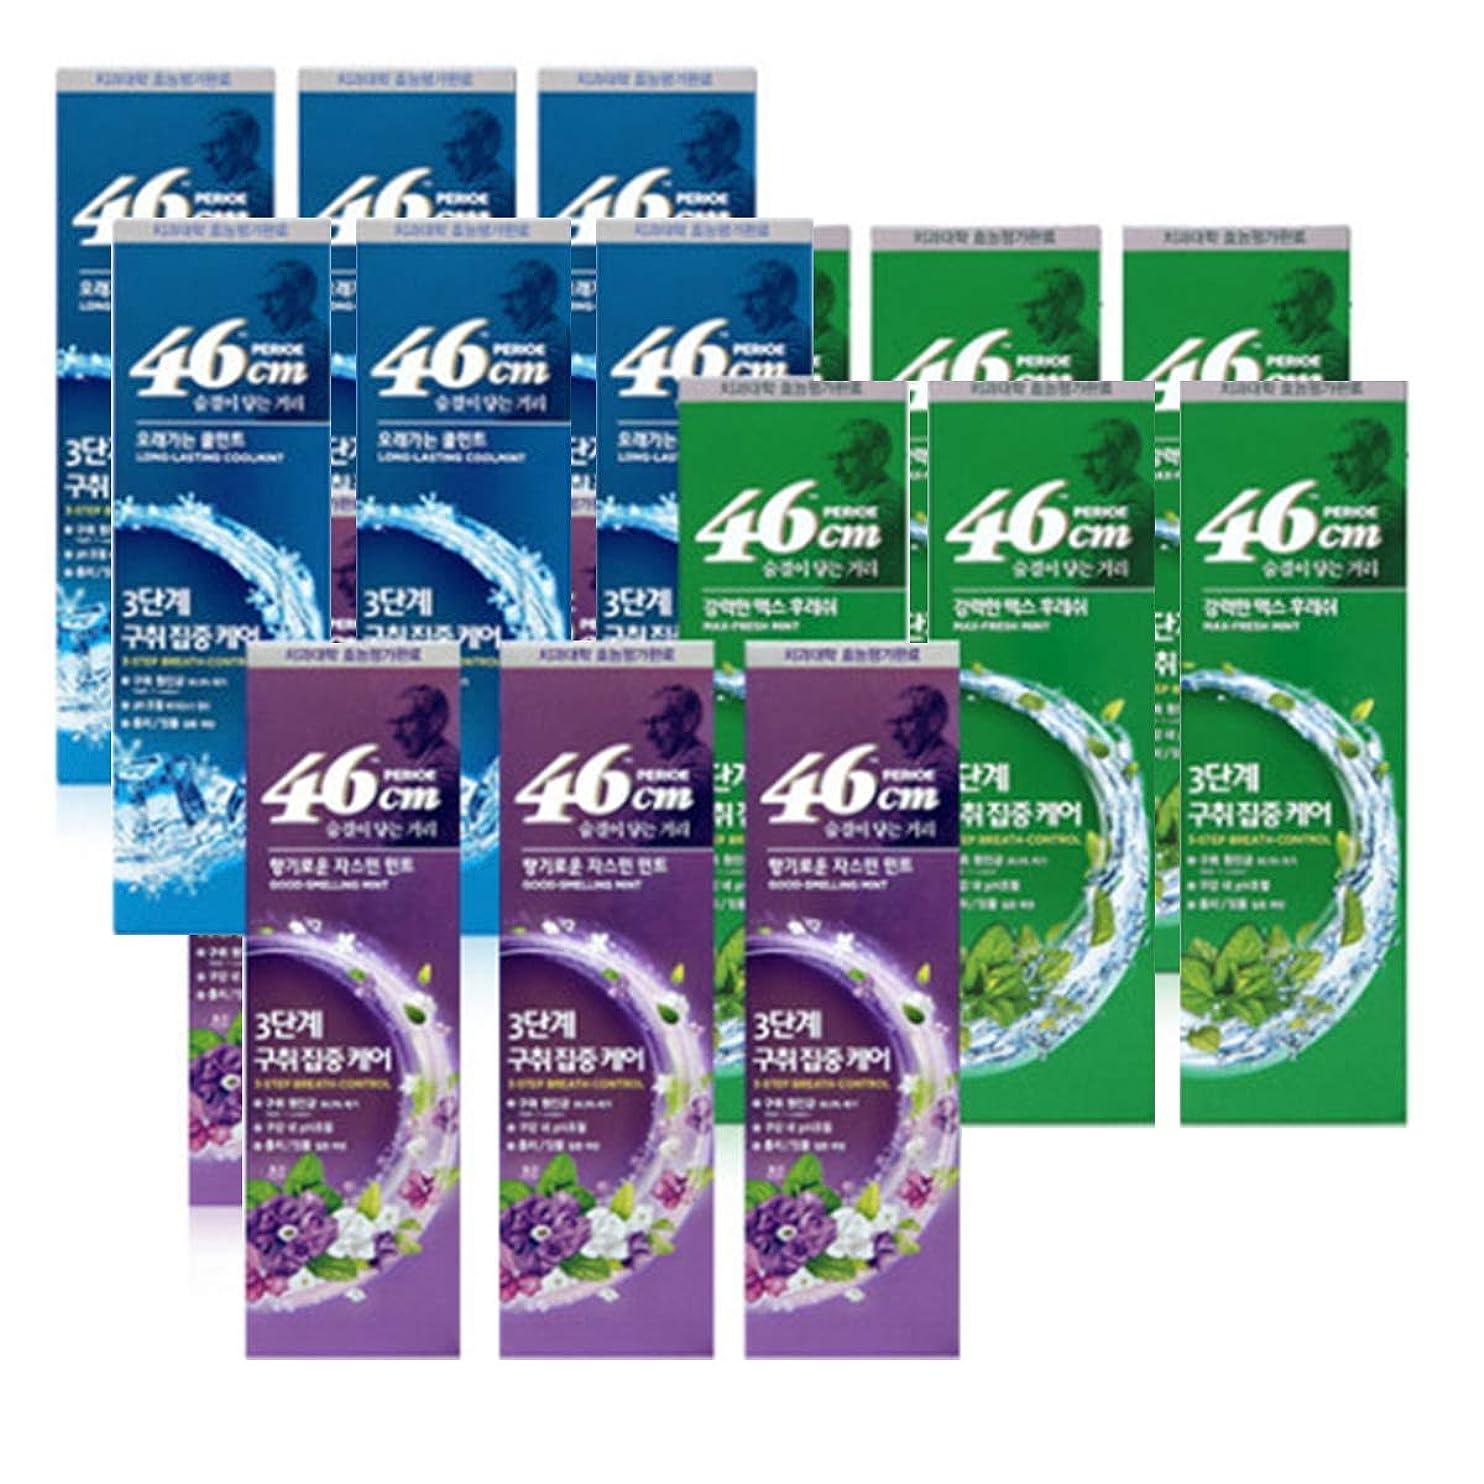 衣類全能観光[LG HnB] Perio 46cm toothpaste / ペリオ46cm歯磨き粉 100gx18個(海外直送品)